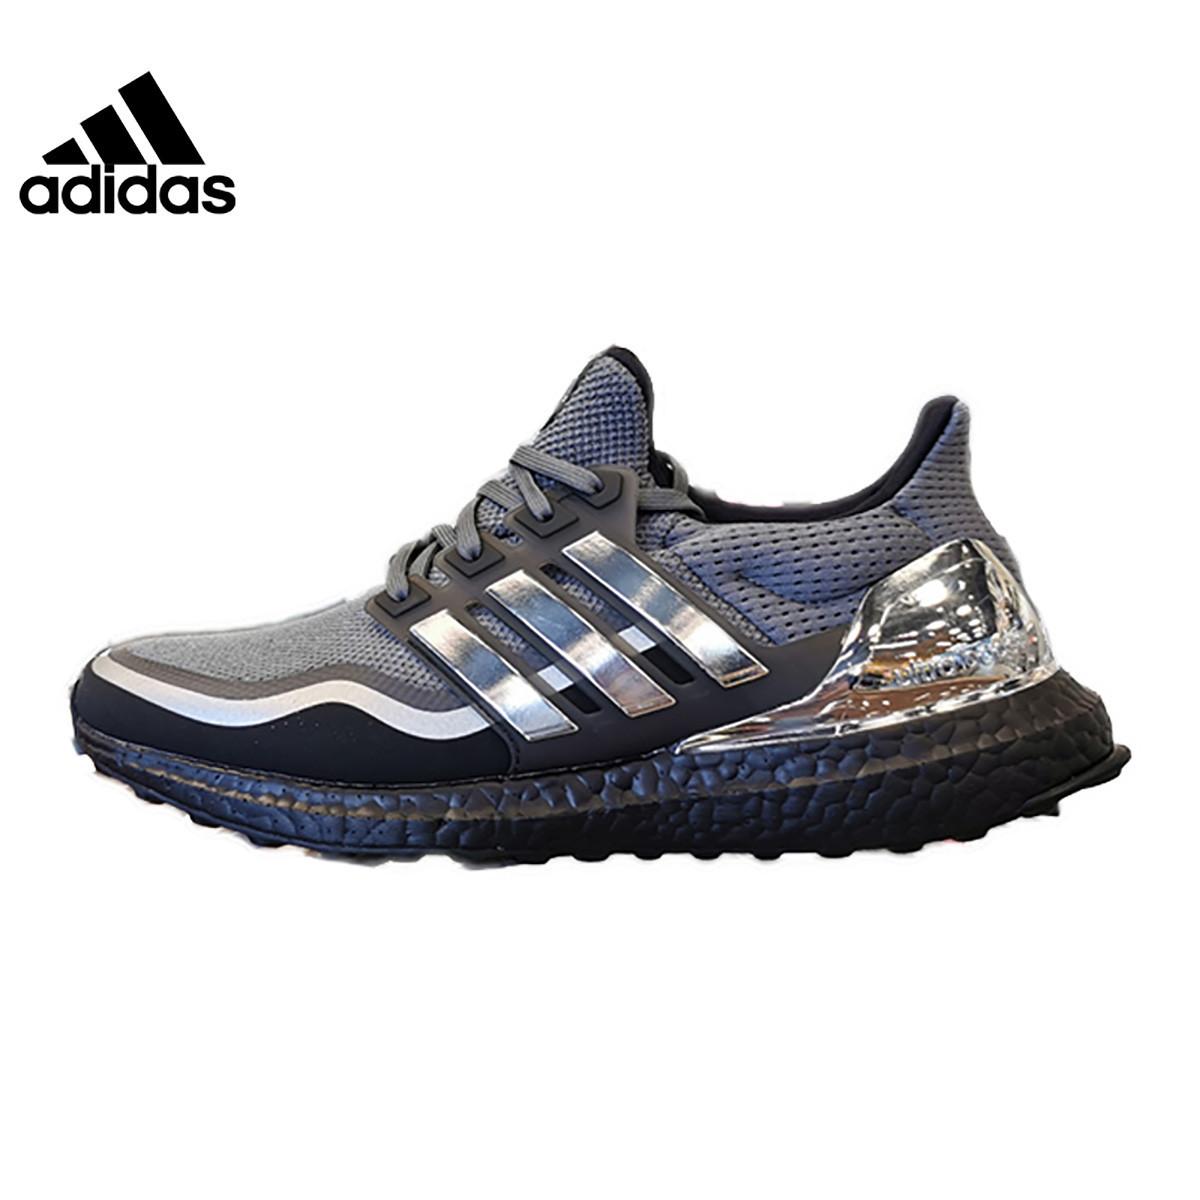 adidas 阿迪达斯 UltraBOOST MTL 男子跑步鞋 654元包邮